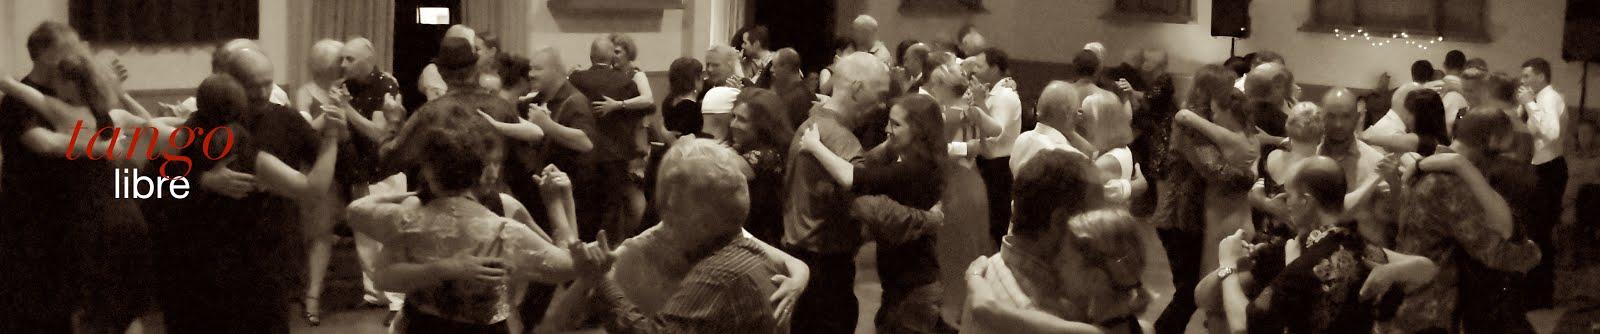 tango libre news